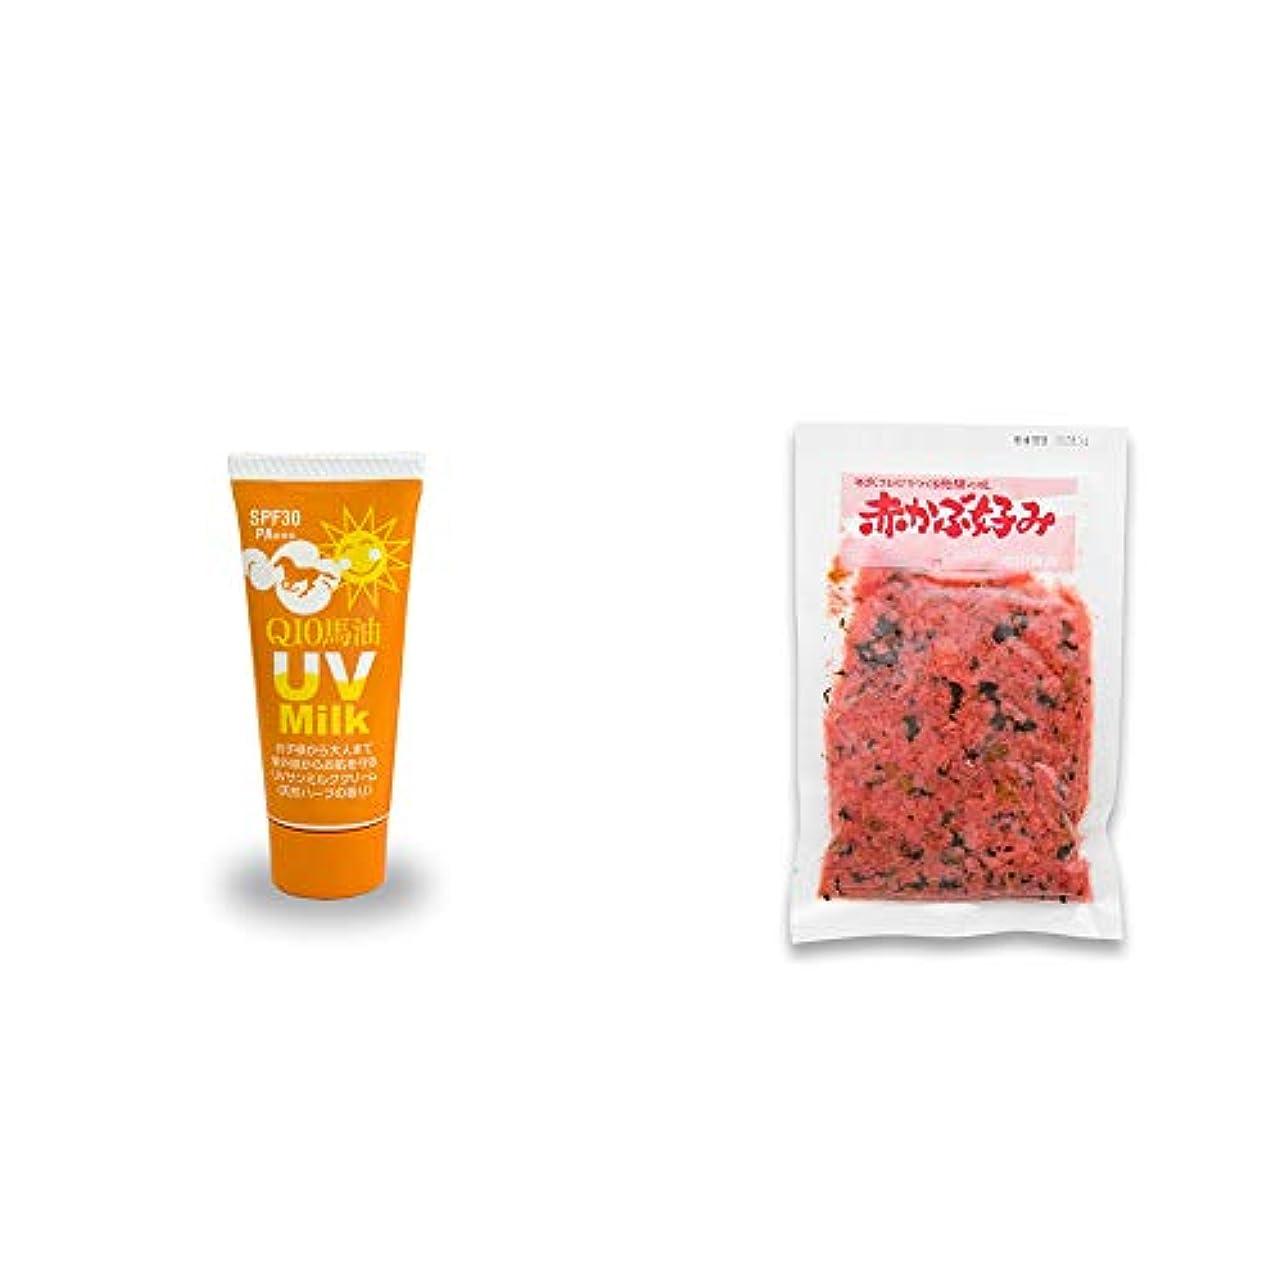 細分化するプラットフォームカエル[2点セット] 炭黒泉 Q10馬油 UVサンミルク[天然ハーブ](40g)?赤かぶ好み(150g)